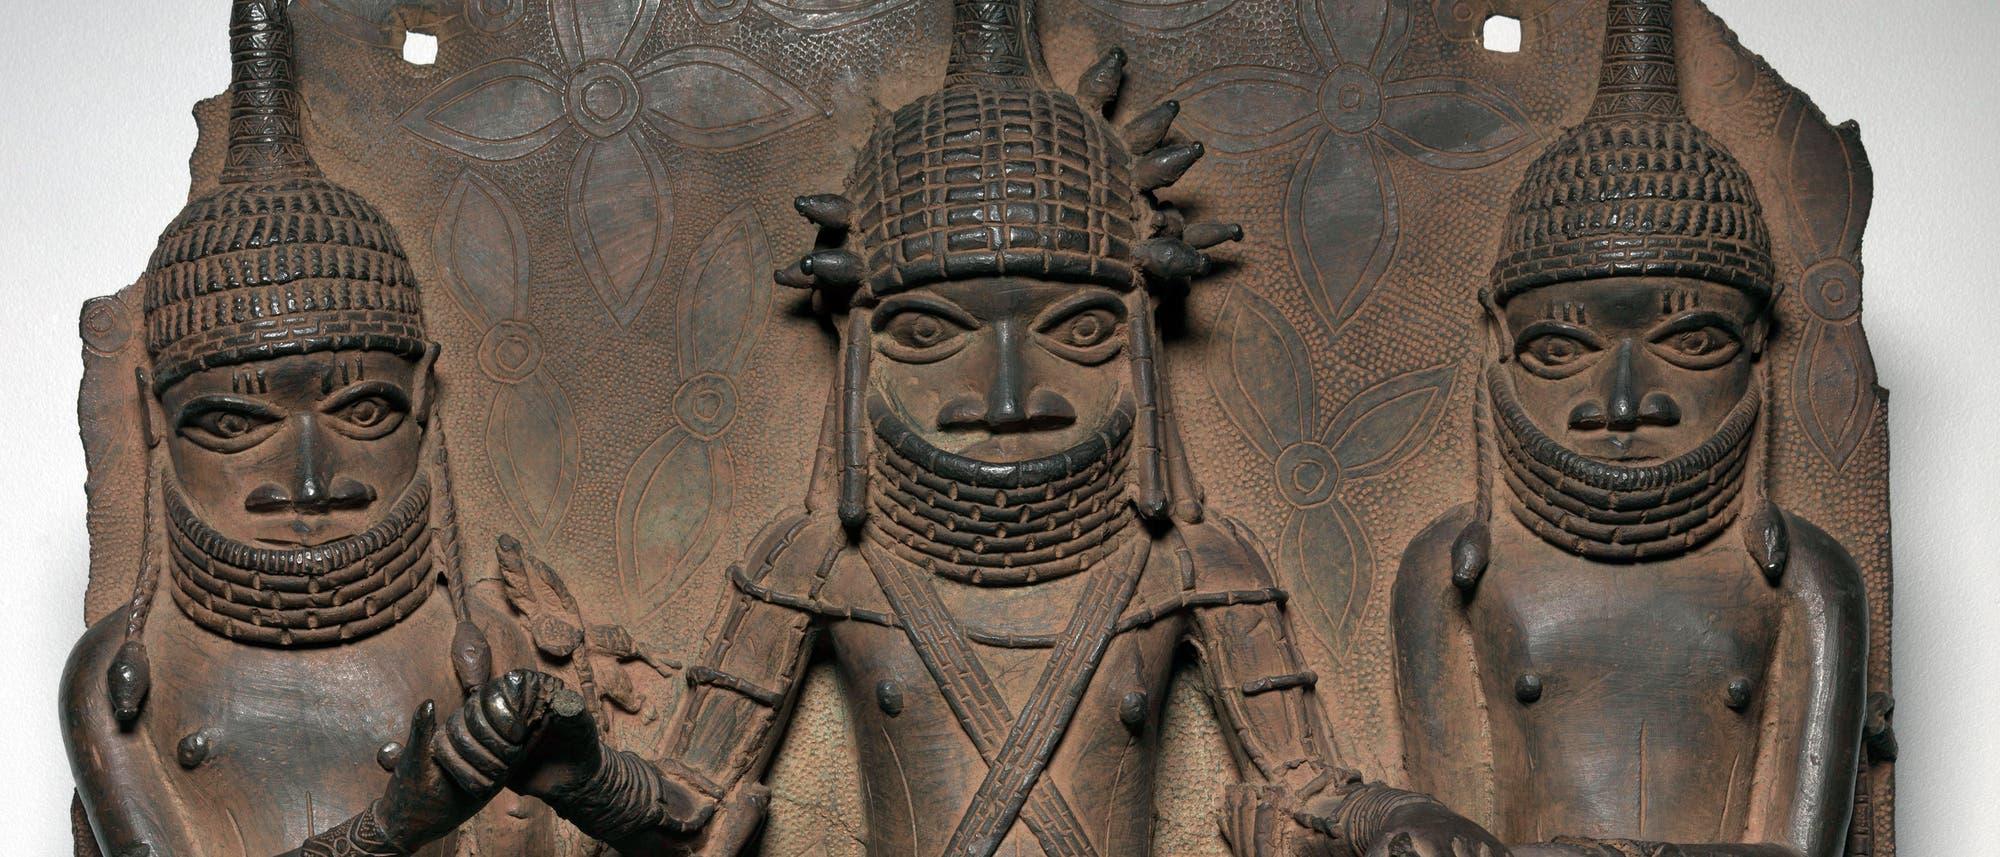 Bronzeplatte aus der Anfangszeit des Königreichs Benin